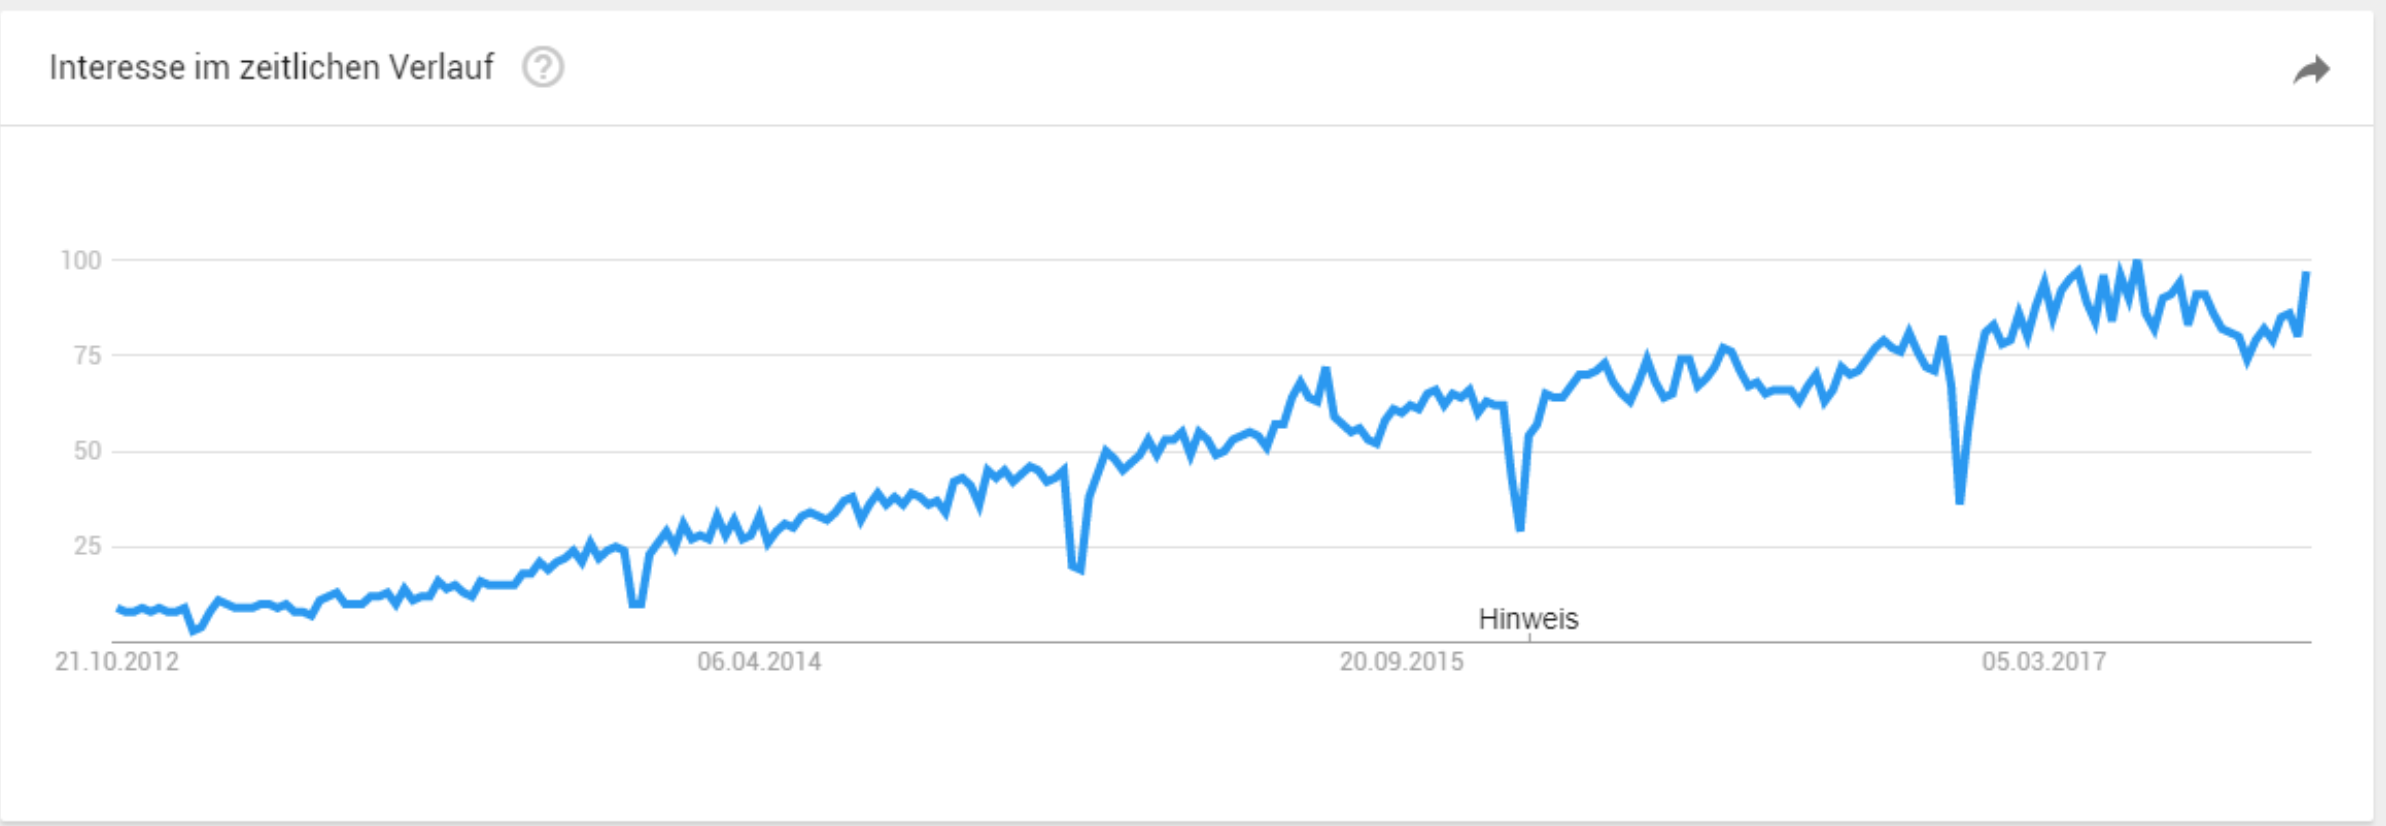 Anzahl der Google Anfragen für den Google Tag Manager im zeitlichen Verlauf